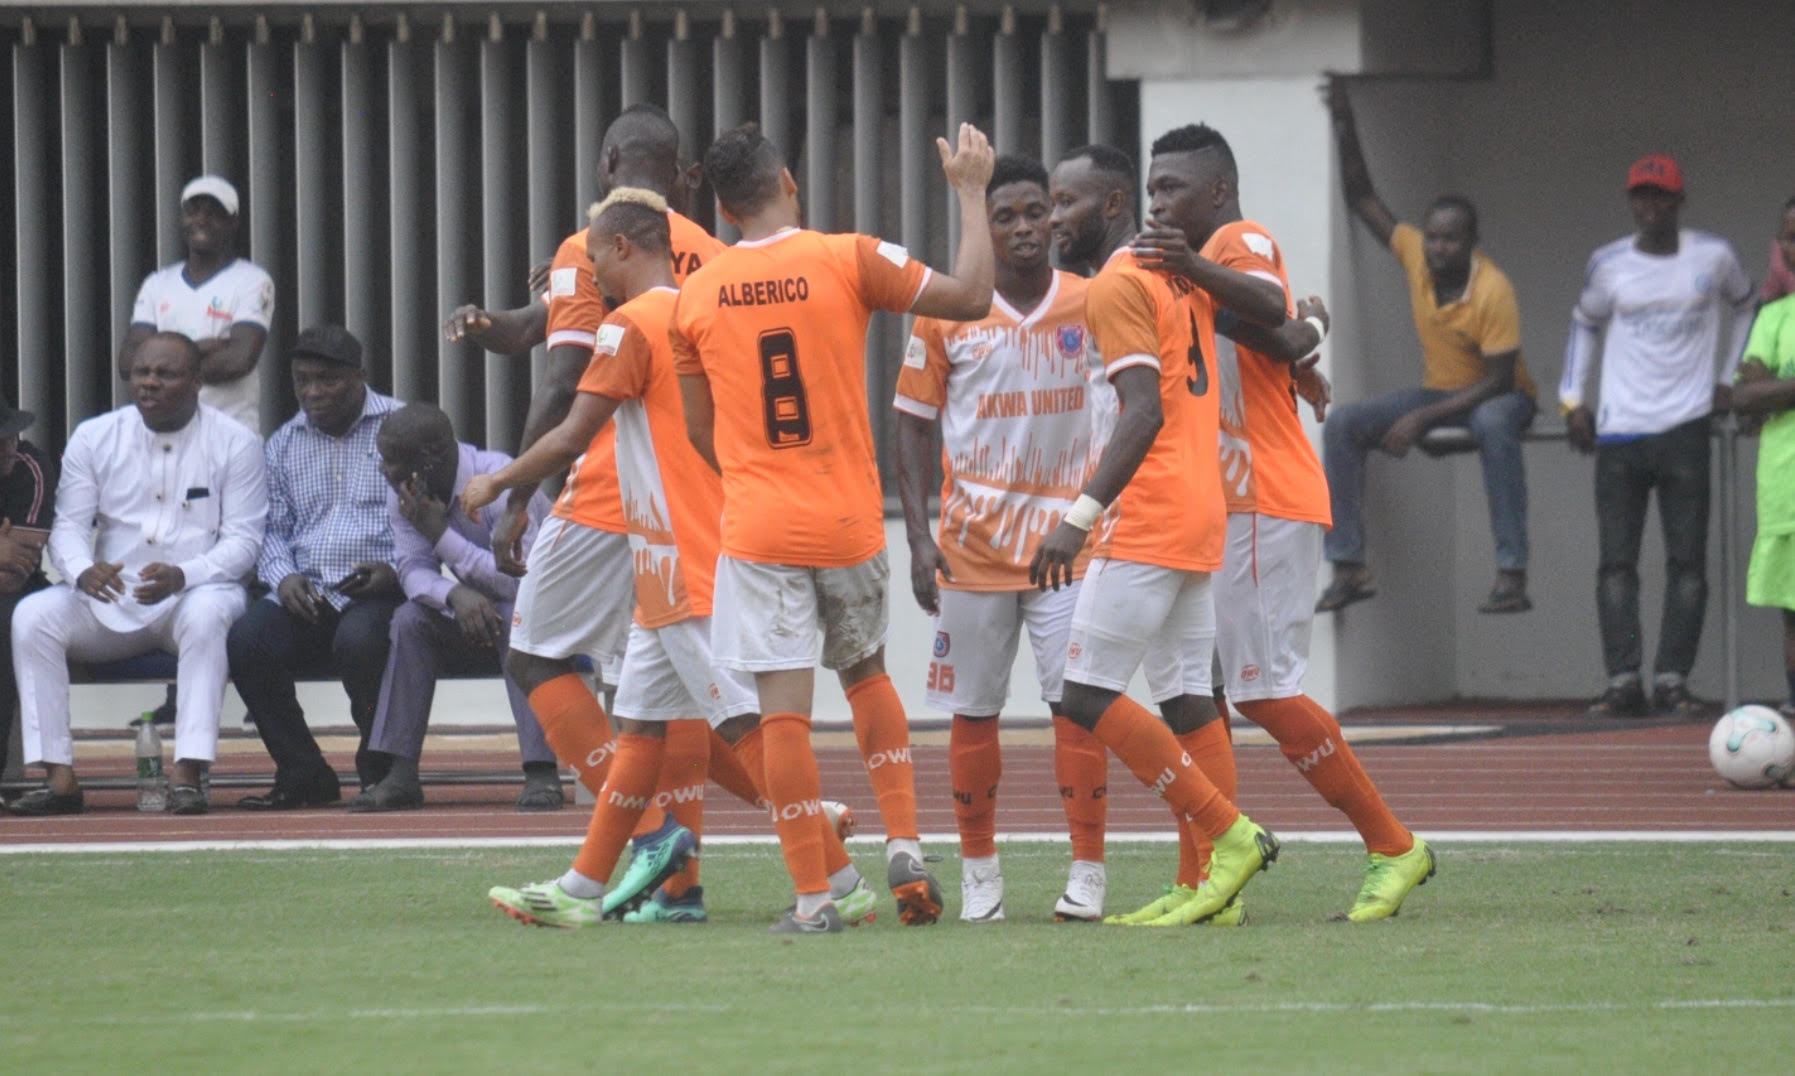 Akwa United's Etim Mathew looking forward to interesting clash with Enyimba